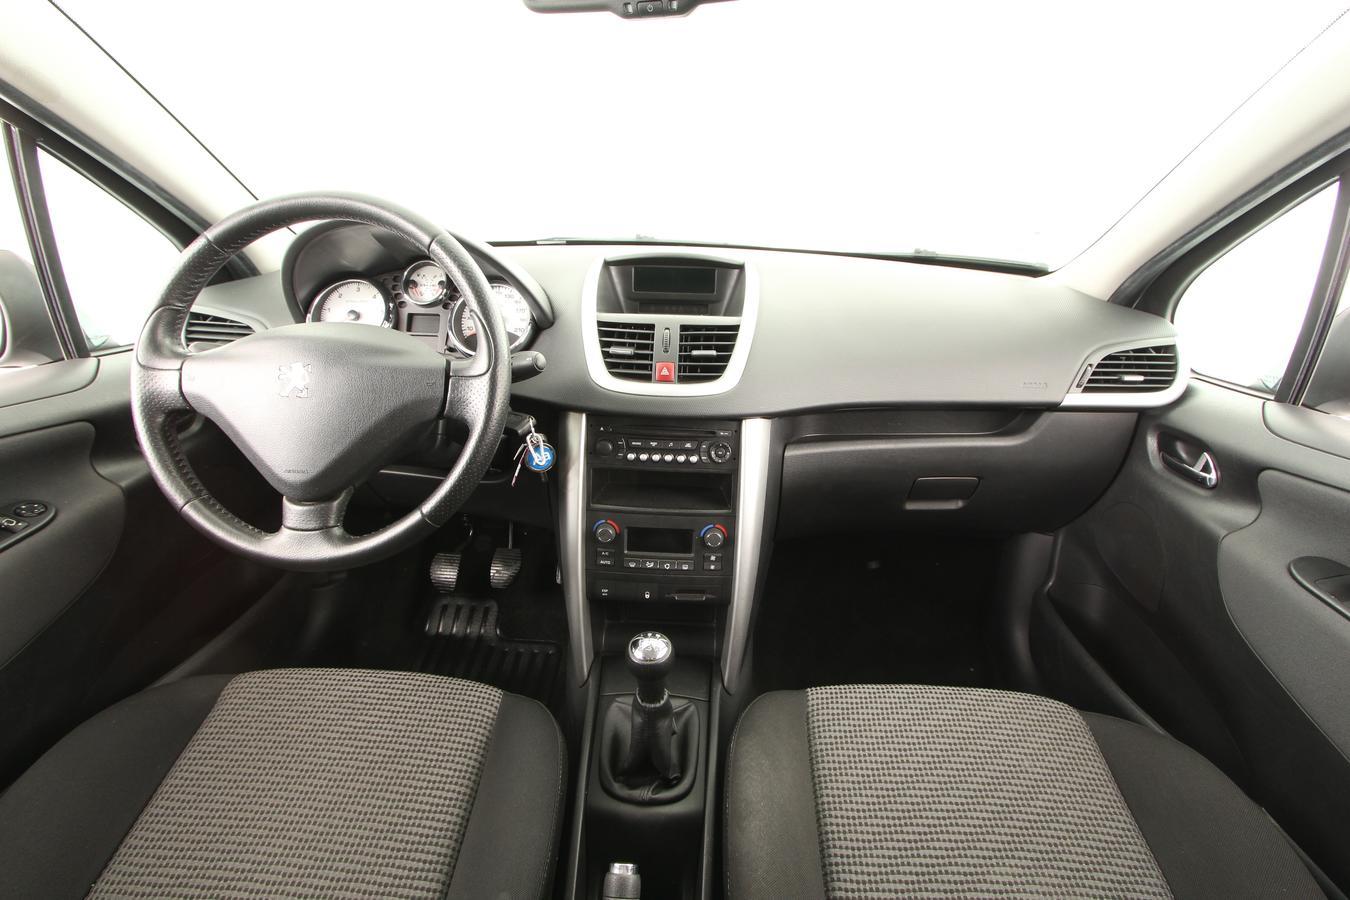 Peugeot 207 citadine 5 portes diesel 1 6 hdi 90ch bo te manuelle finition premium - Peugeot 207 occasion diesel 5 portes ...